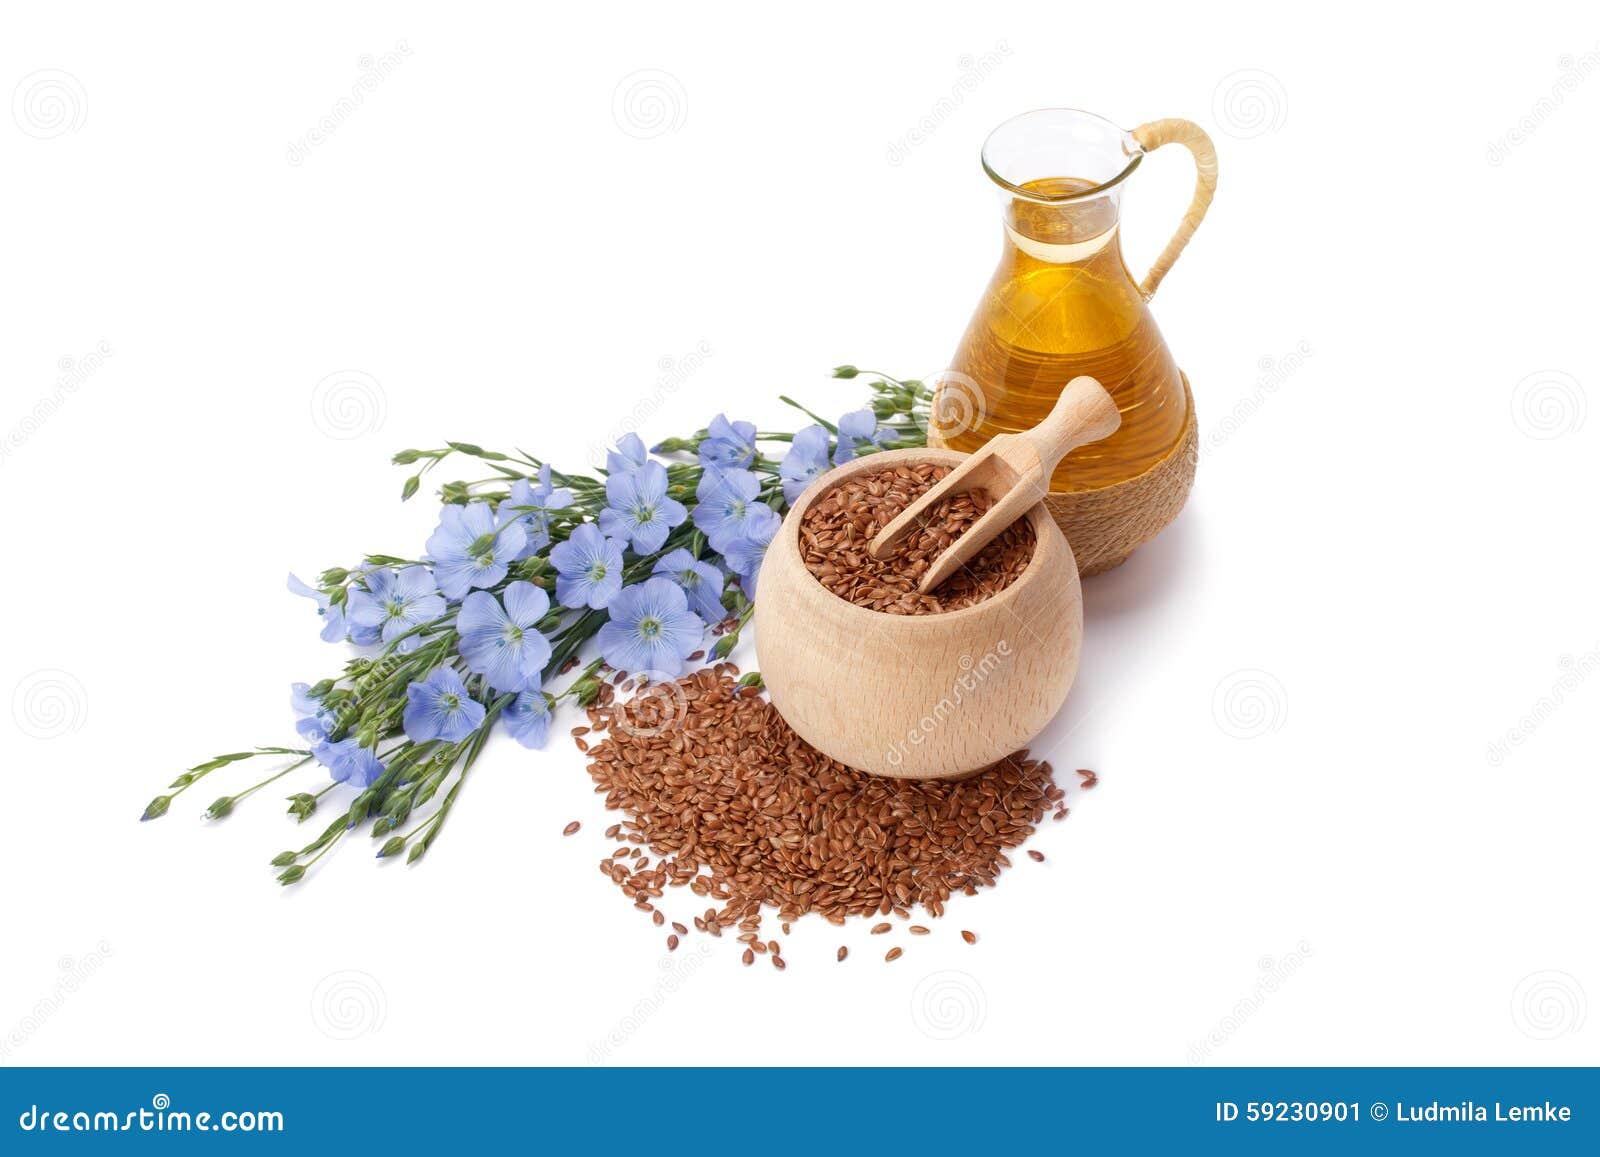 Download Aceite De Linaza Con Las Semillas De Lino Imagen de archivo - Imagen de dieta, alimento: 59230901